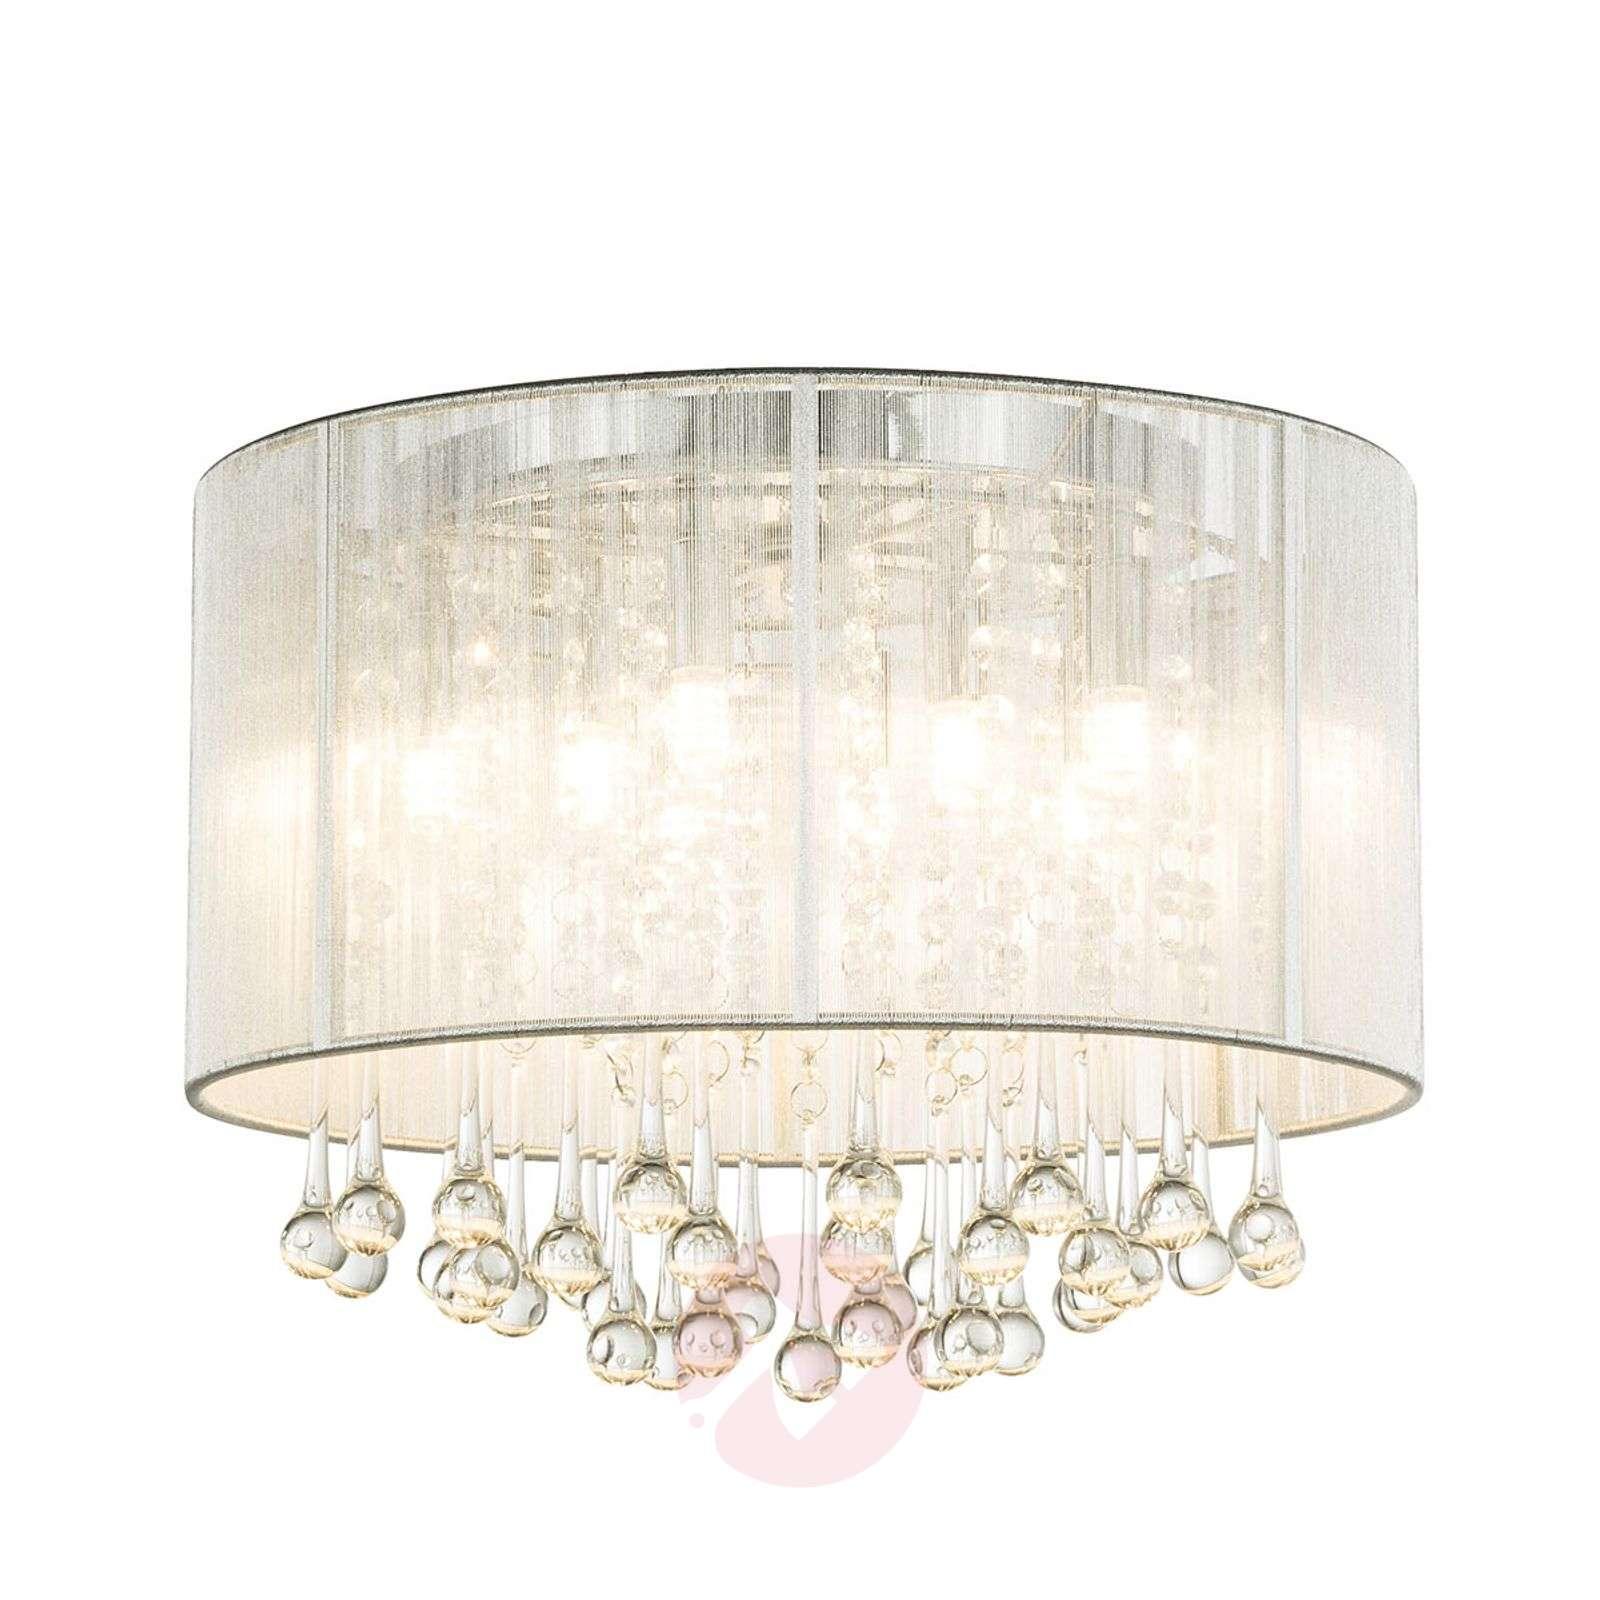 Hopeinen LED-kattovalaisin Sierra riipuksilla-4015030-01